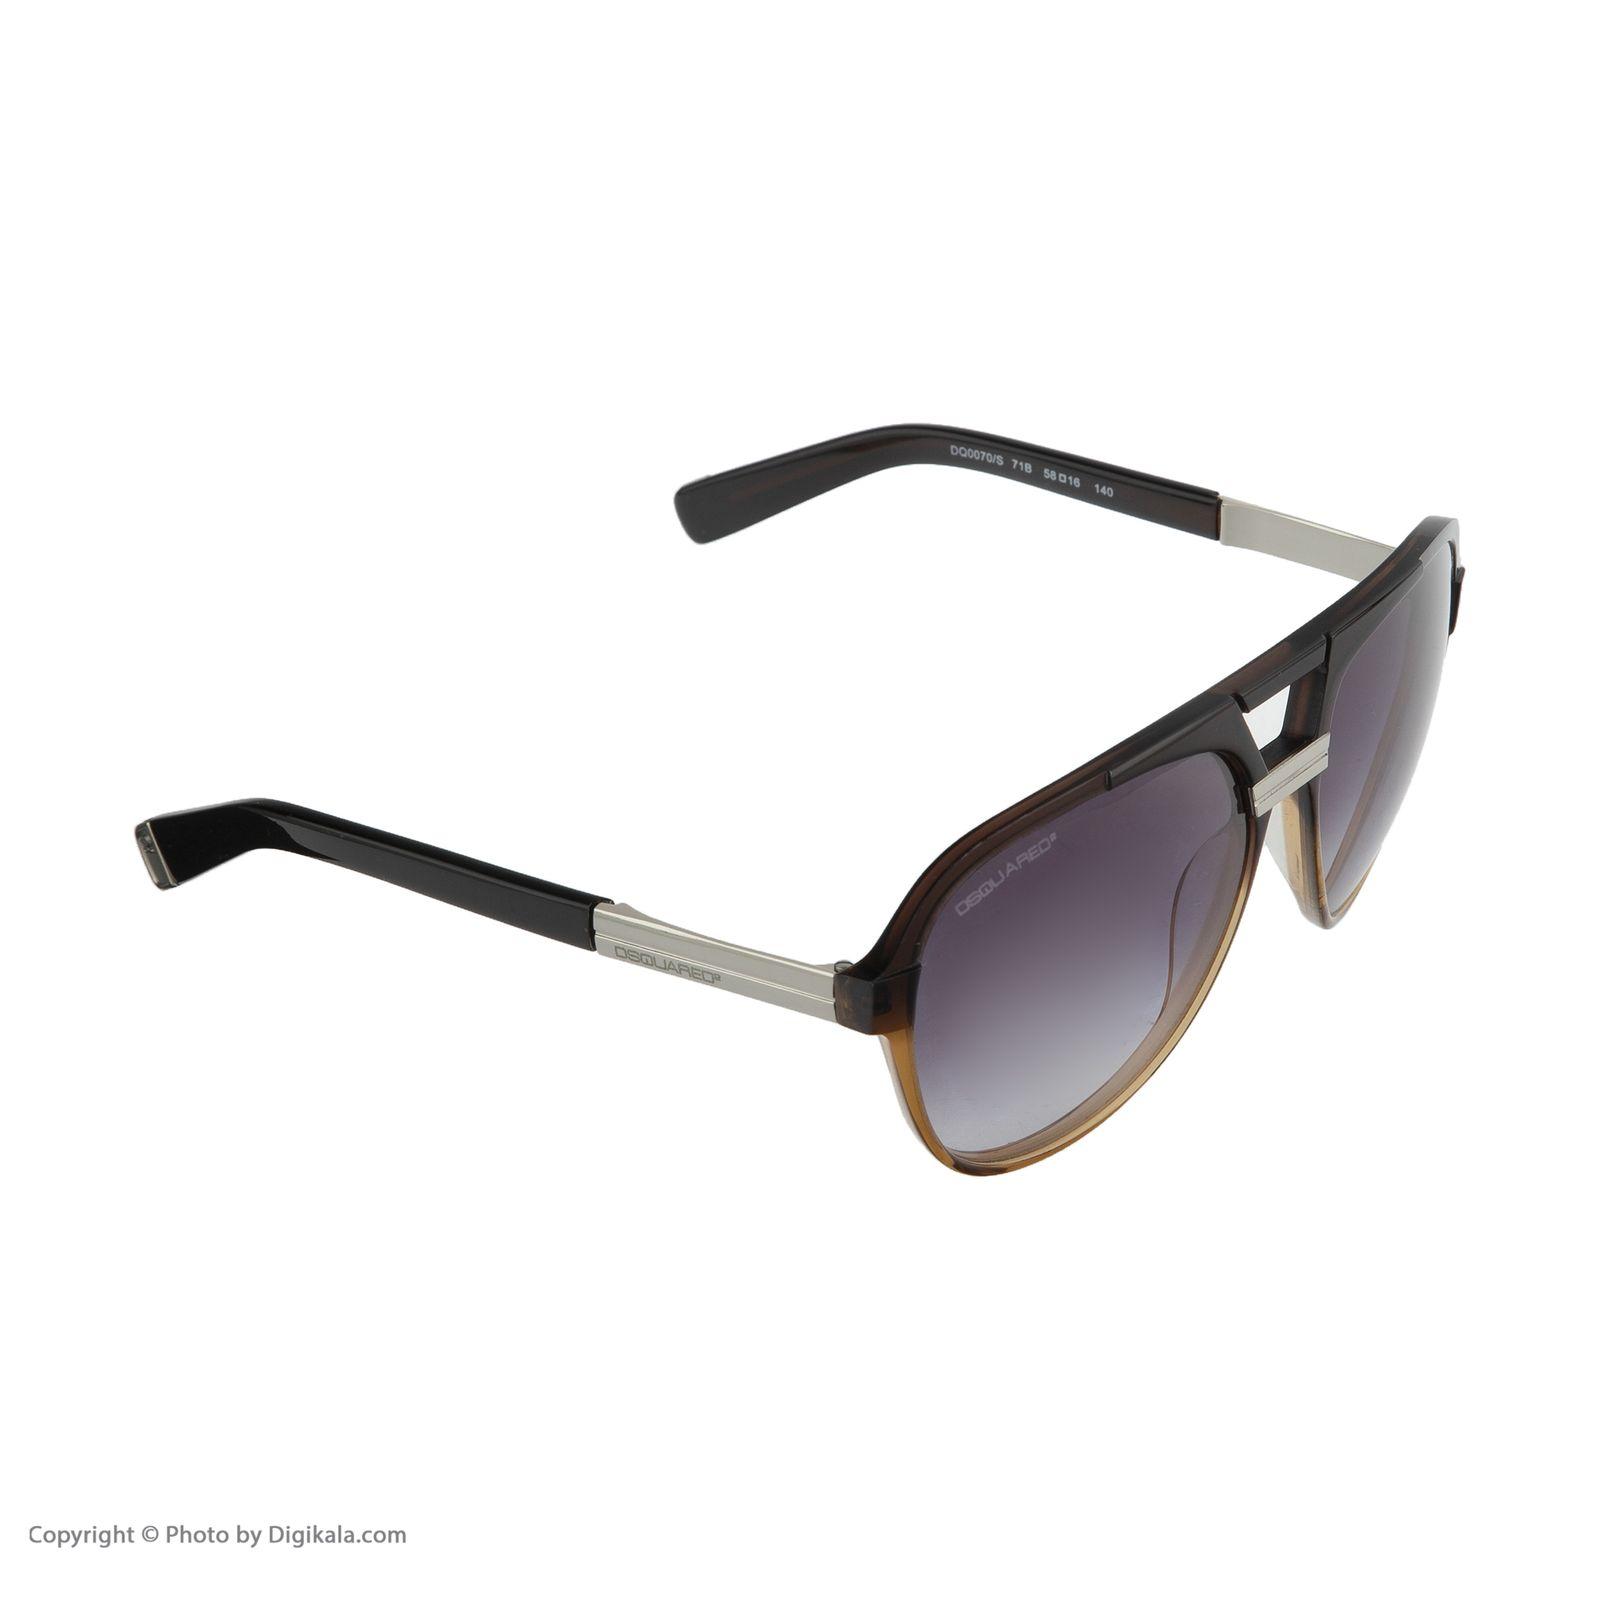 عینک آفتابی  دیسکوارد مدل 0070 -  - 6